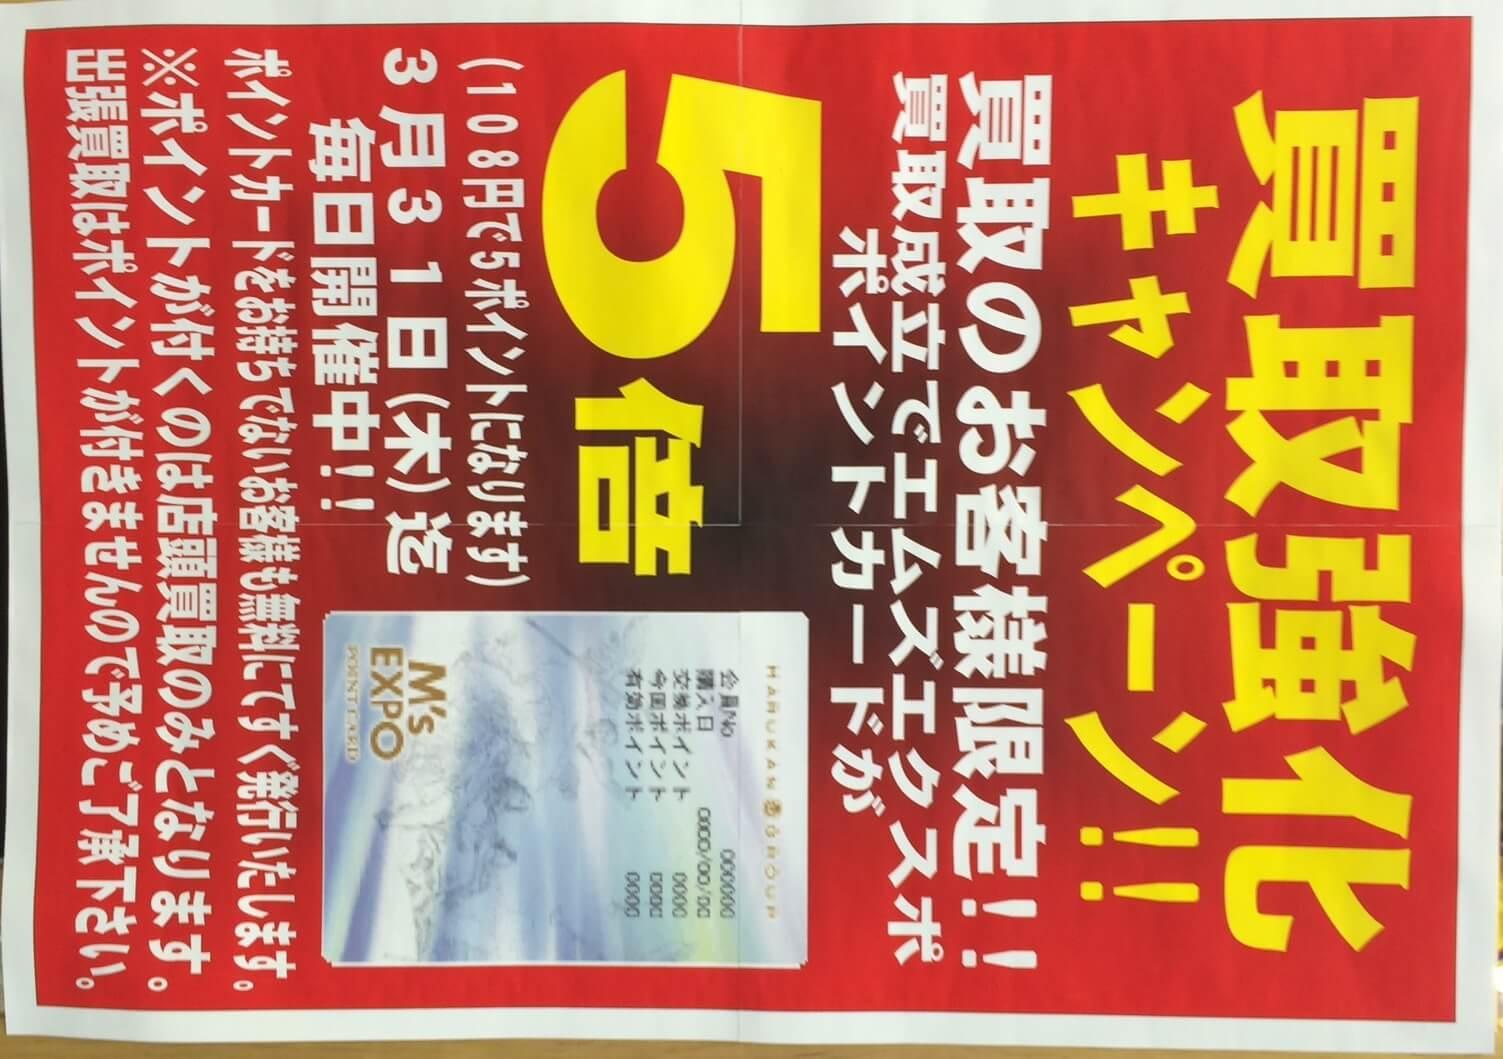 セカンチャンス盛岡南店 エクスポカード